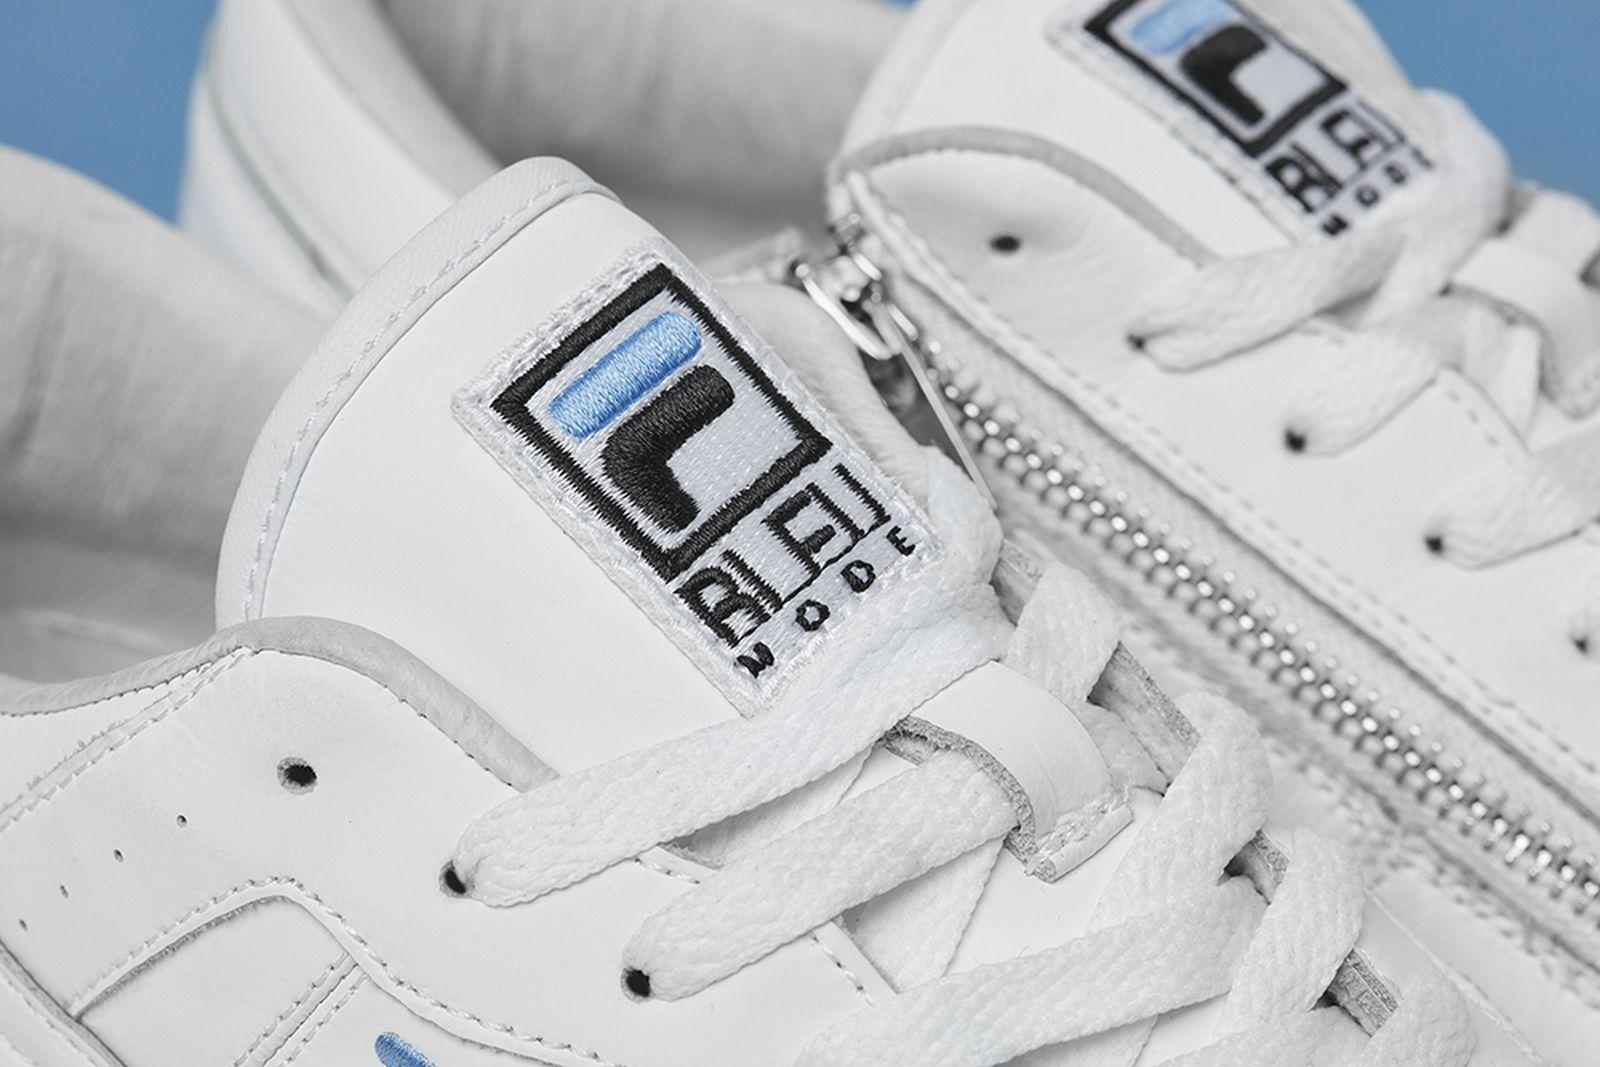 bleu-mode-fila-original-fitness-zipper-release-date-price-07